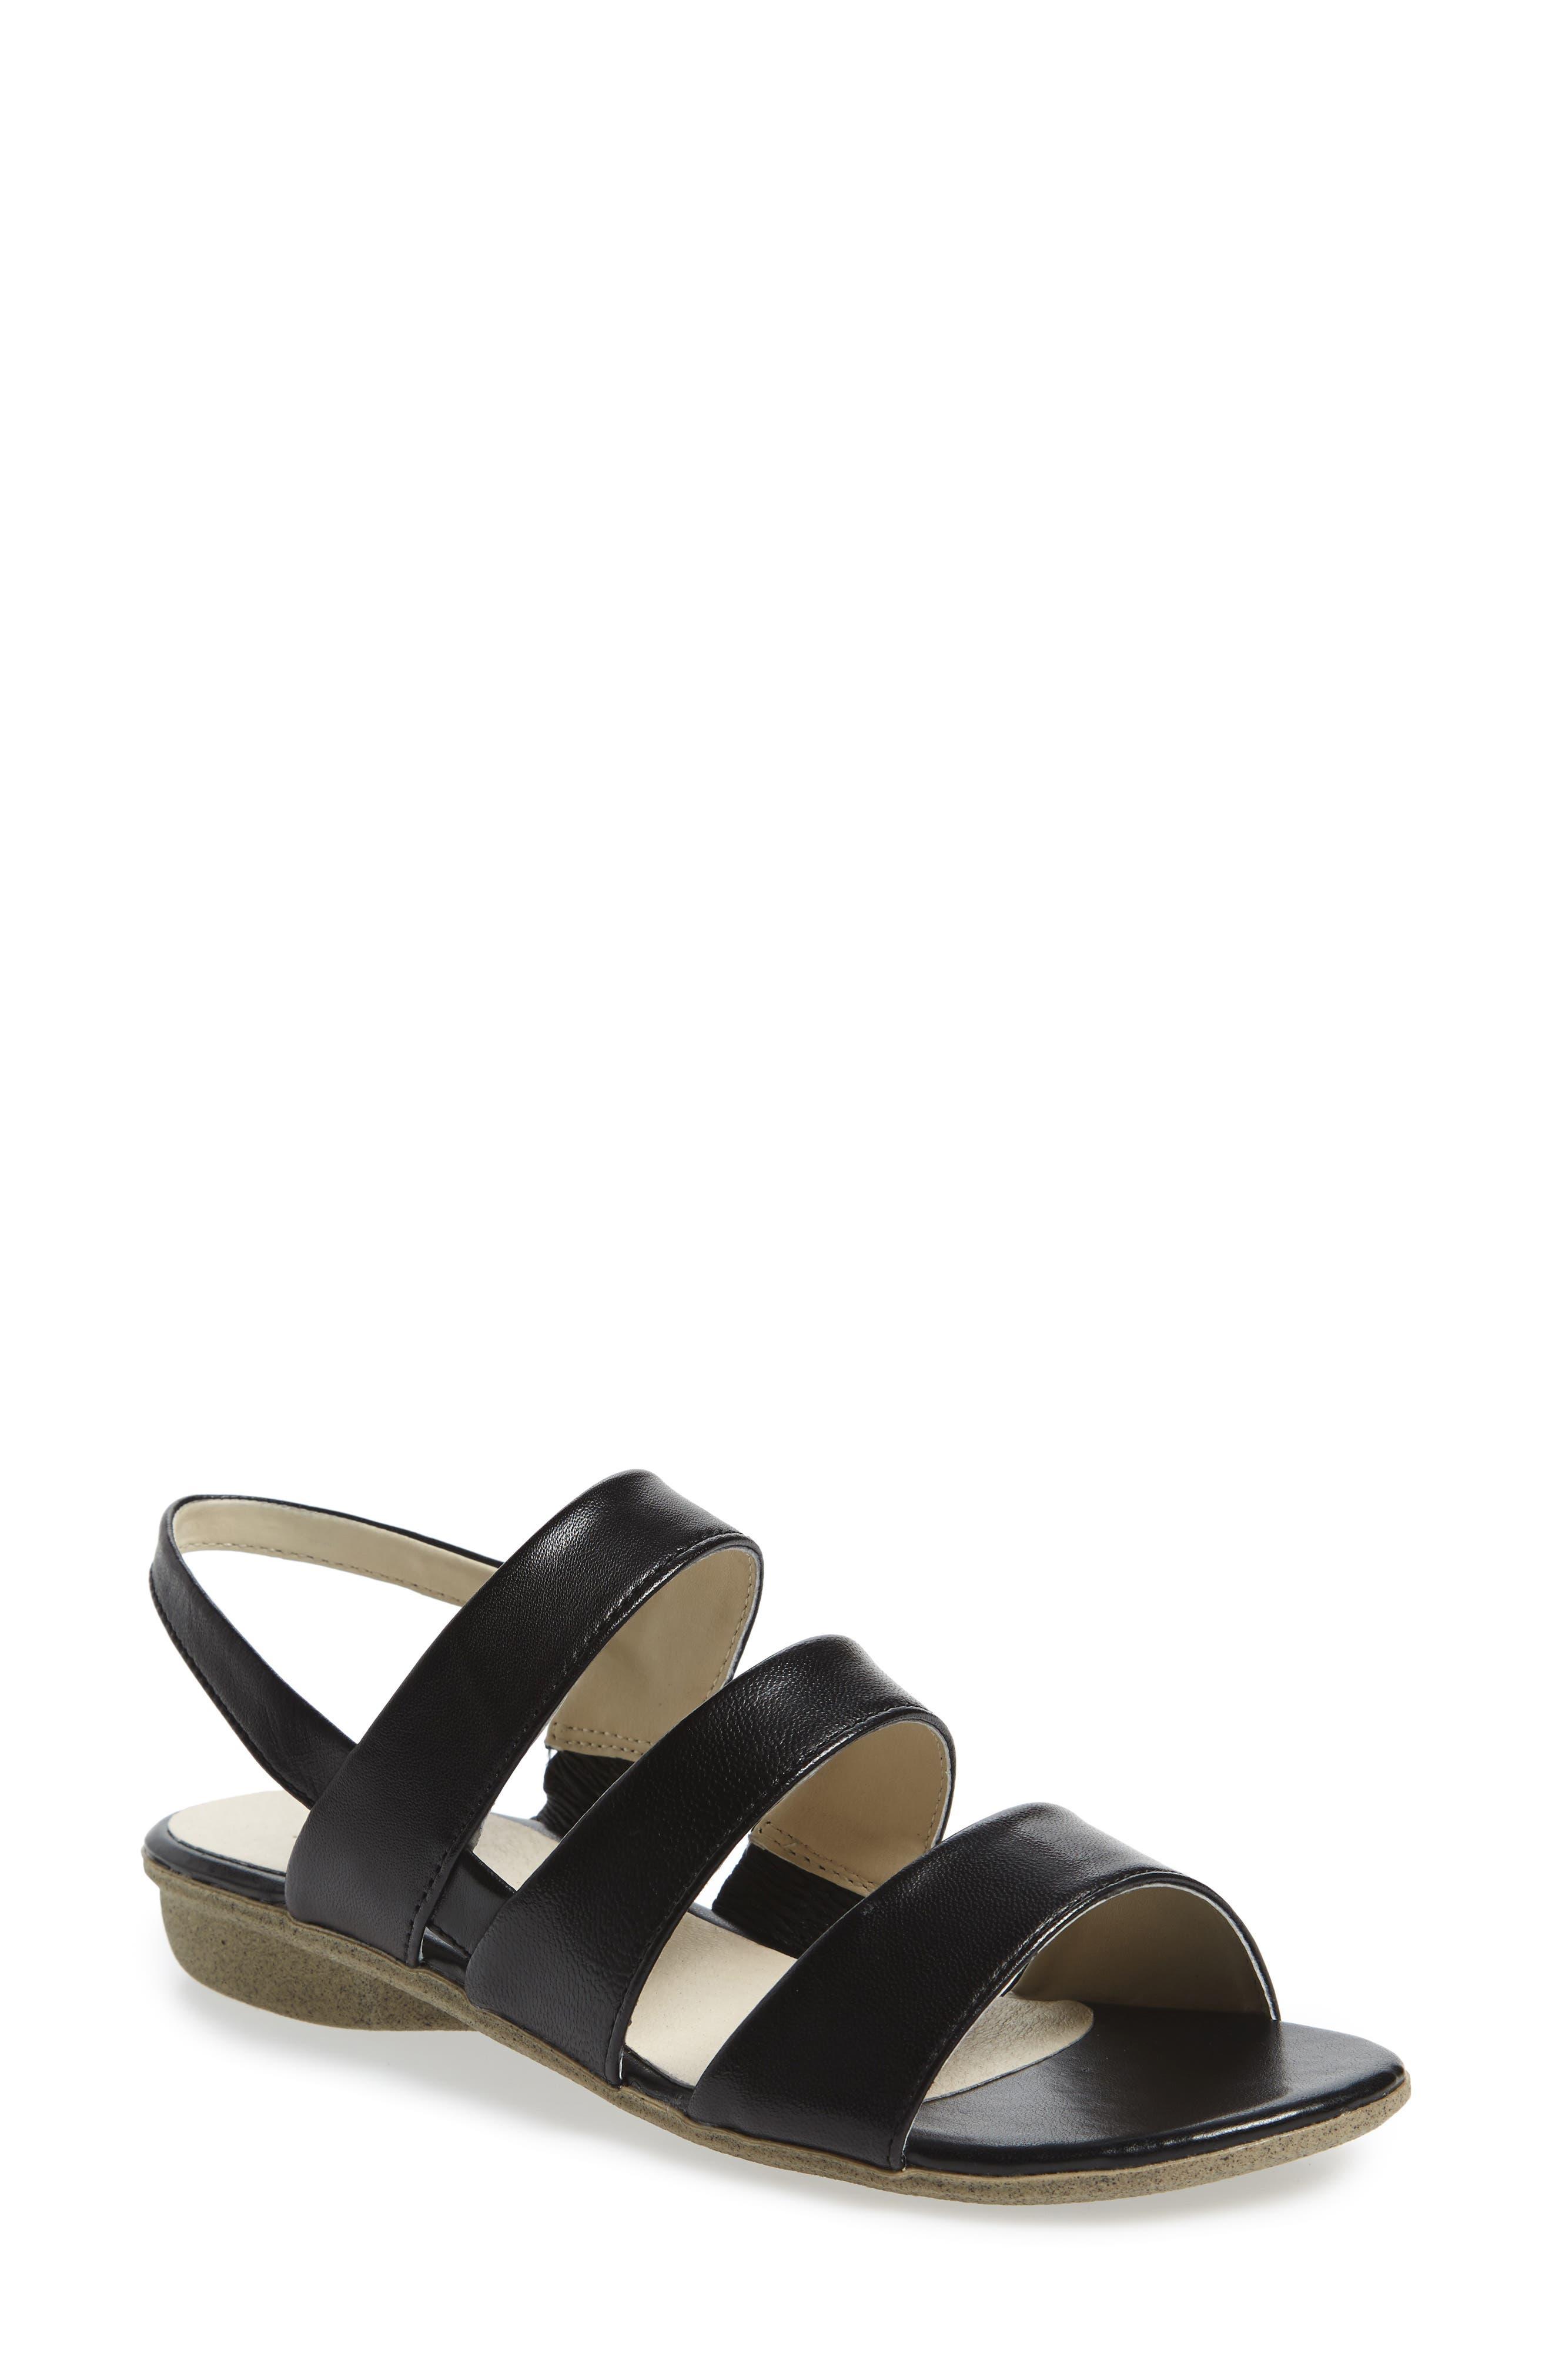 Fabia 11 Sandal,                             Main thumbnail 1, color,                             Black